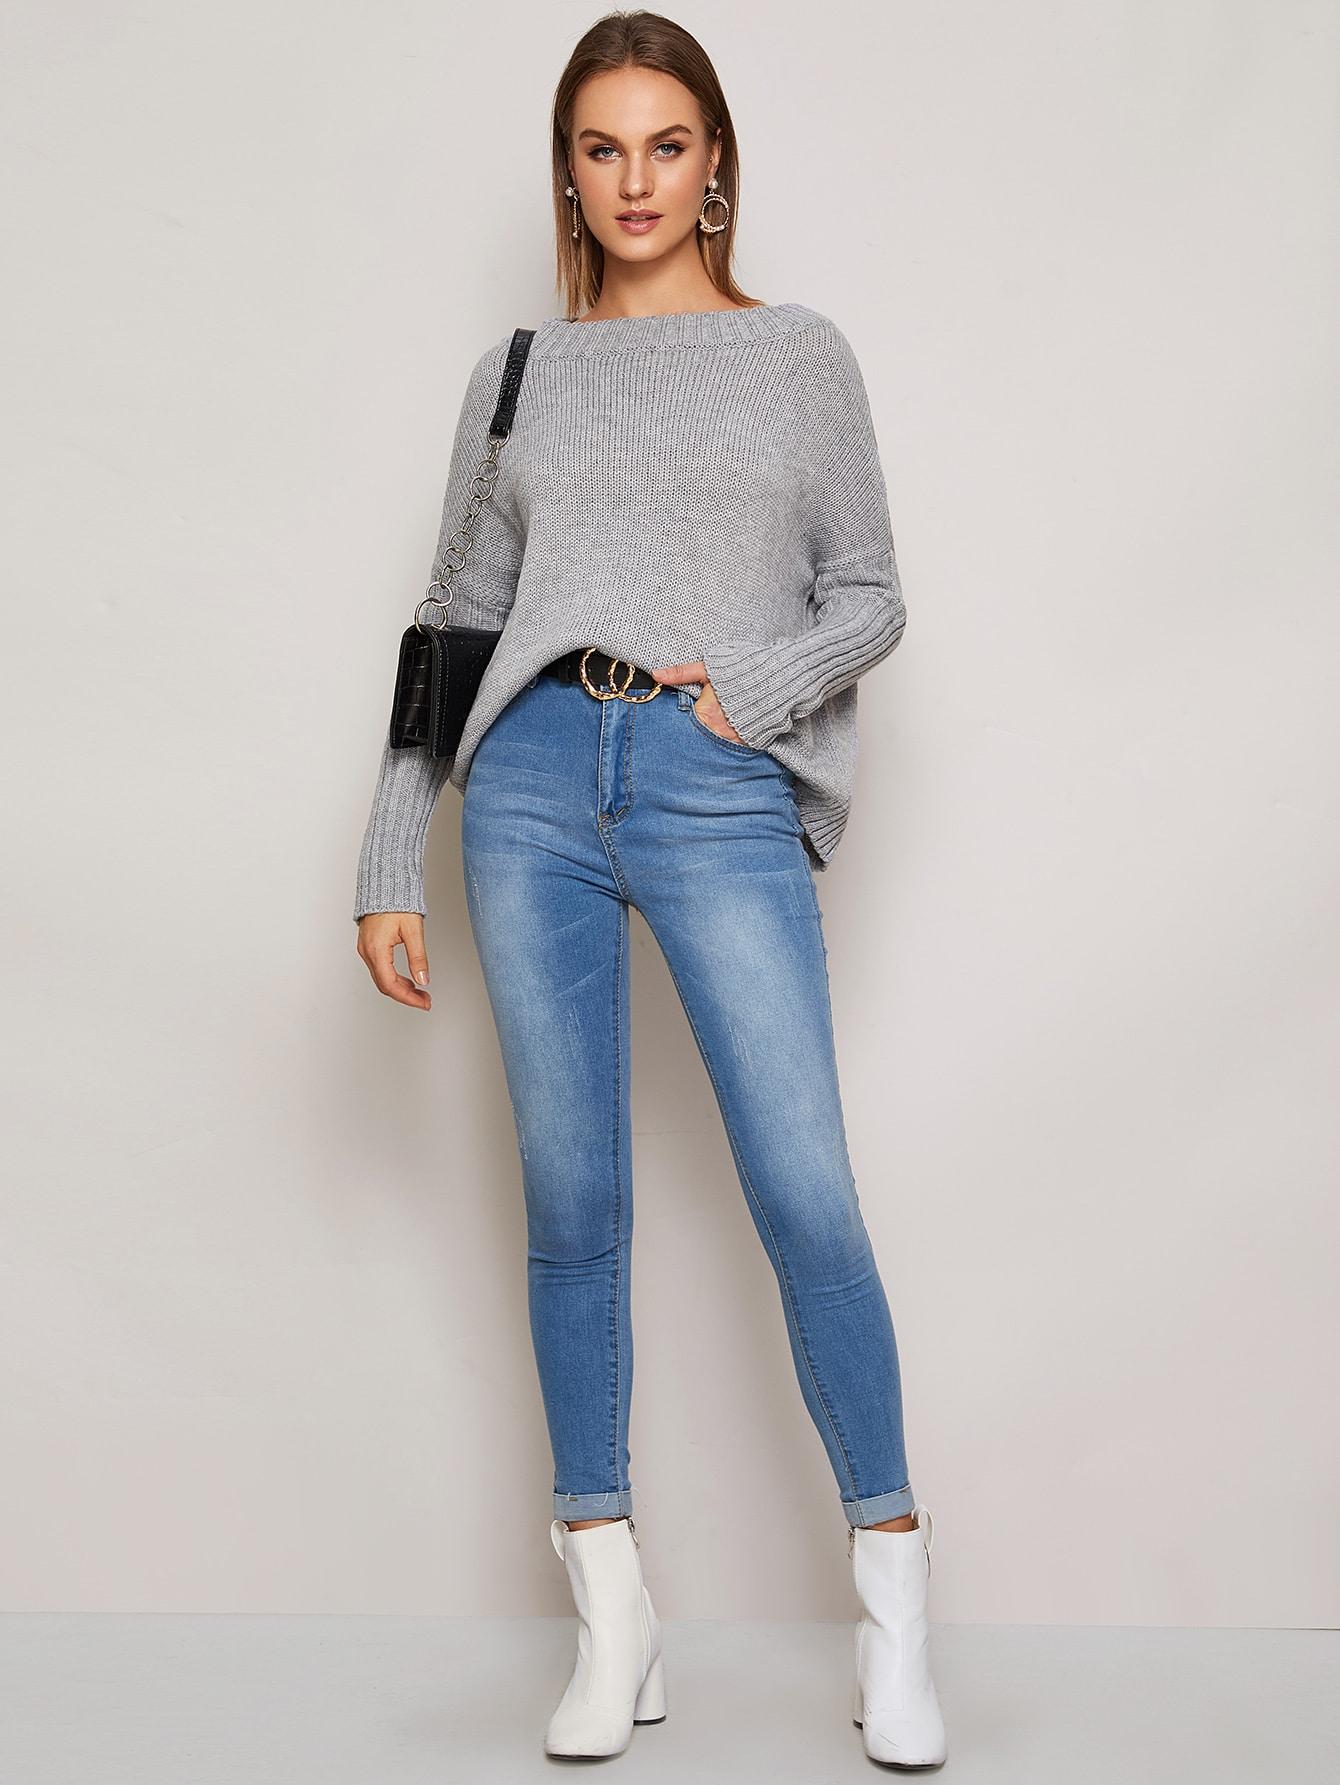 Однотонный трикотажный свитер